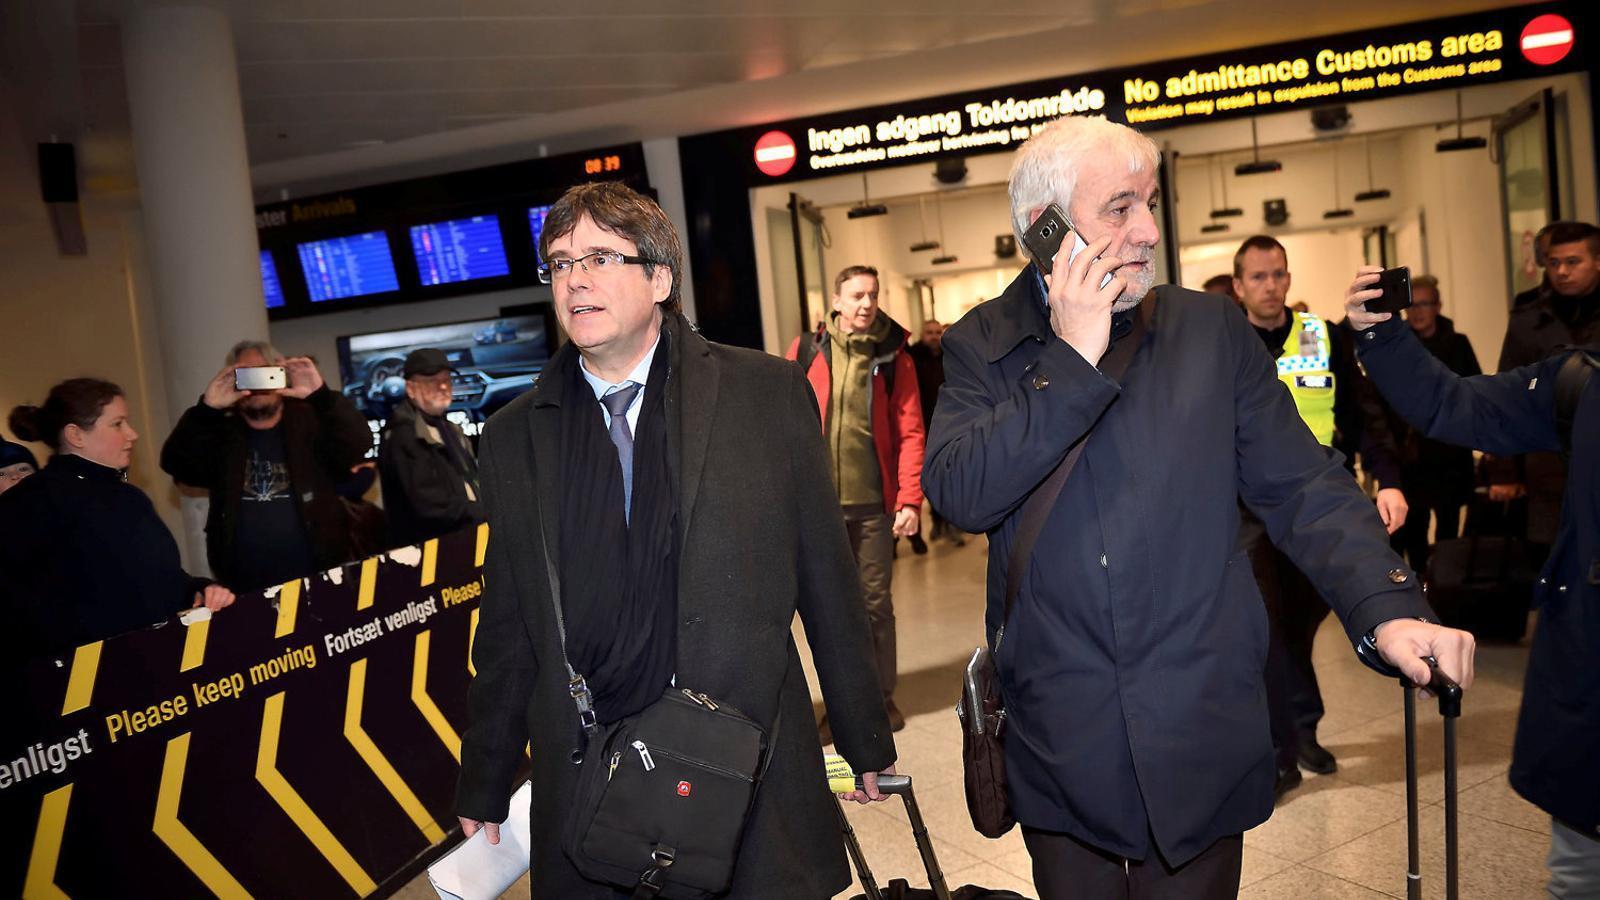 El president de la Generalitat, Carles Puigdemont, el 22 de gener passat a l'aeroport de Copenhaguen (Dinamarca) procedent de Brussel·les.  La fiscalia va demanar reactivar l'euroordre, però el jutge Pablo Llarena va rebutjar-ho / TARIQ MIKKEL KHAN / REUTERS